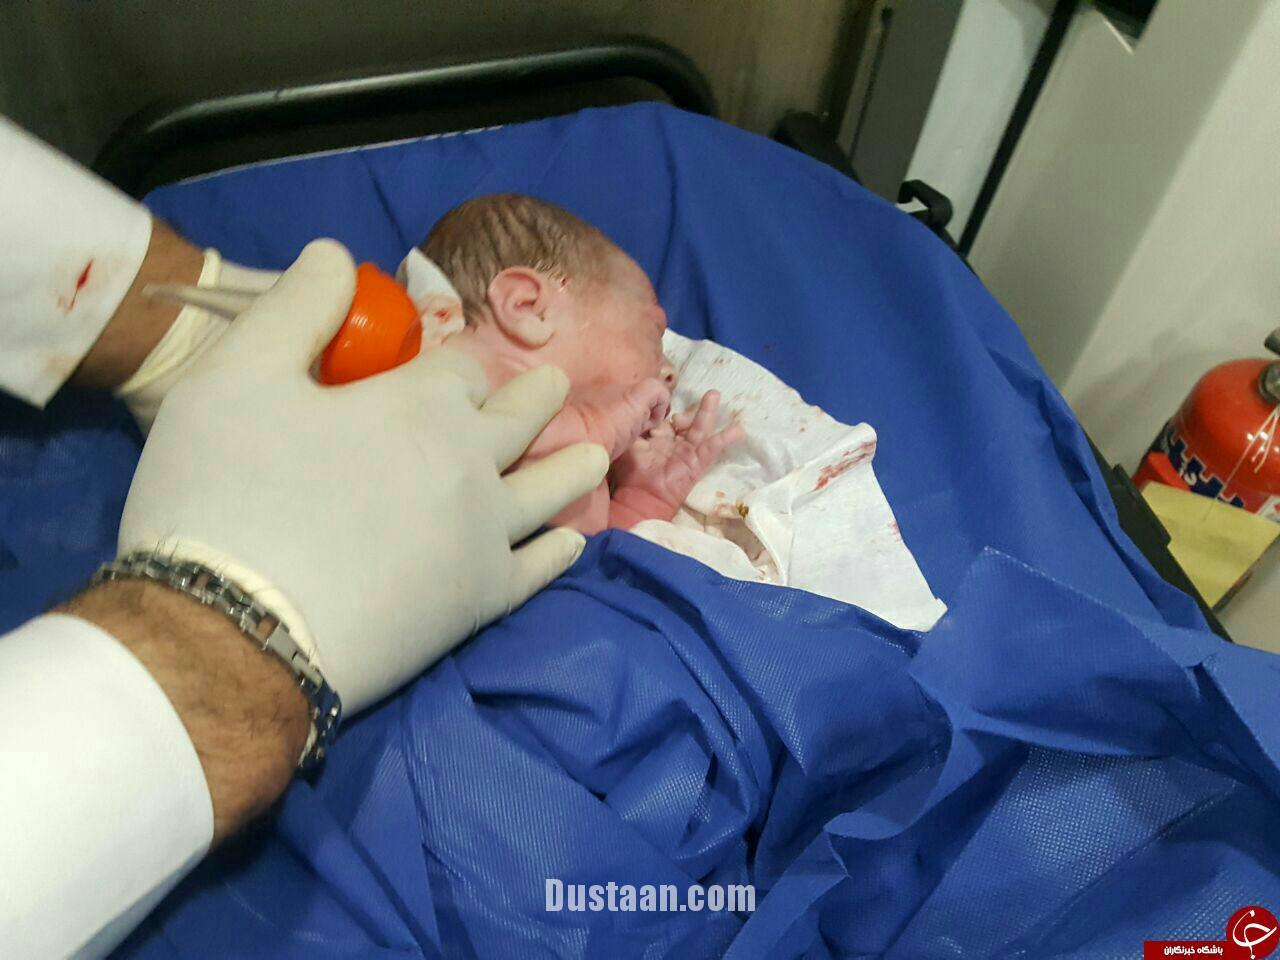 www.dustaan.com تصاویری از تولد نوزاد عجول درون خودروی آمبولانس!